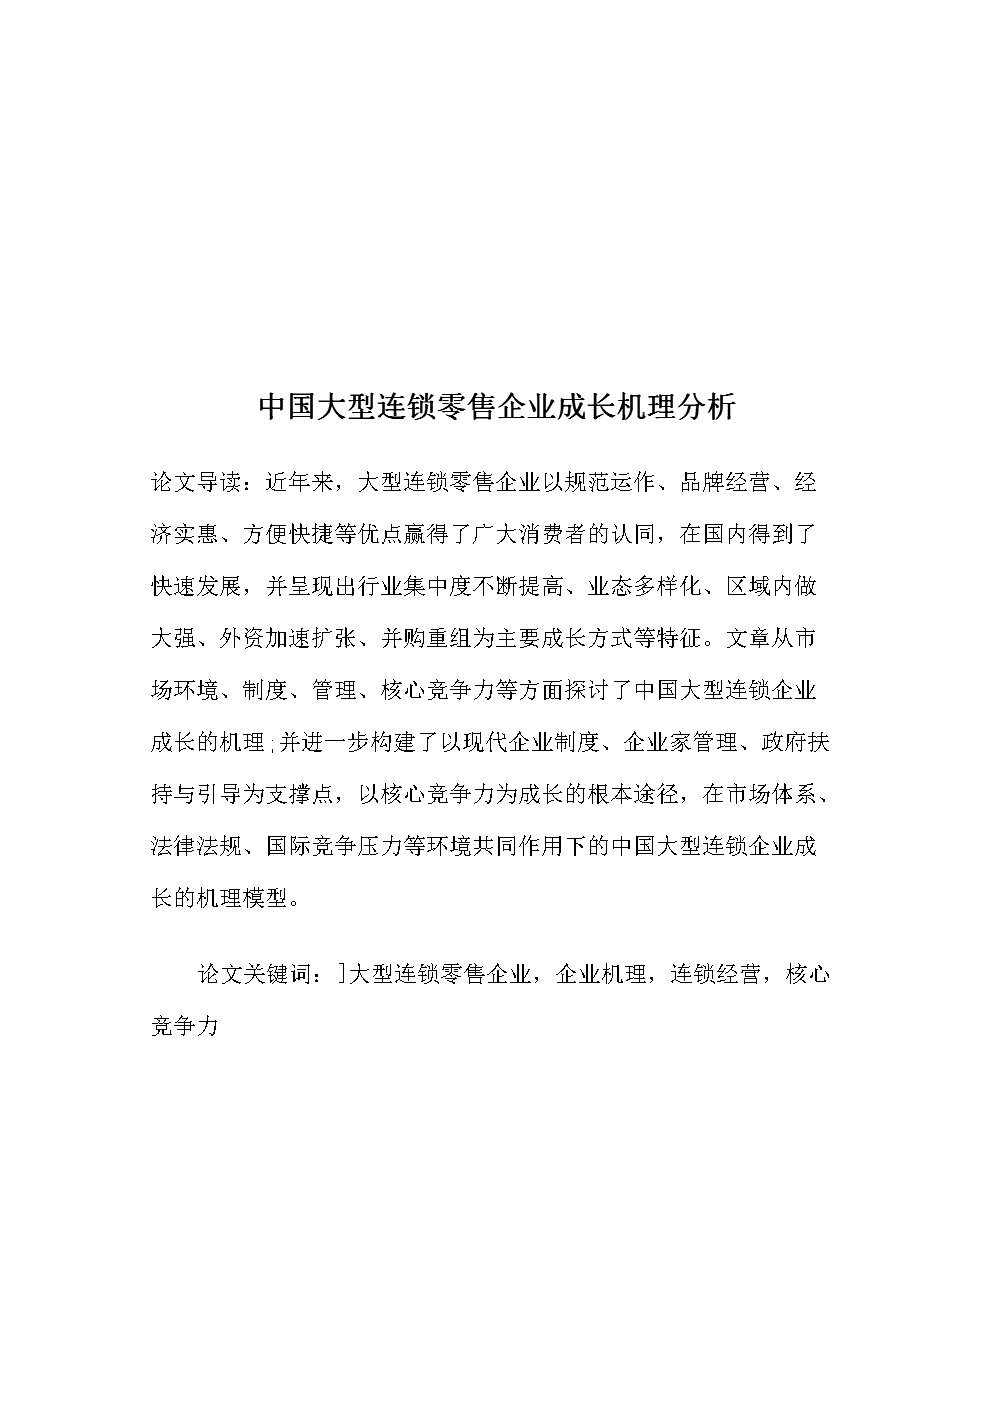 中国大型连锁零售企业成长机理分析.docx